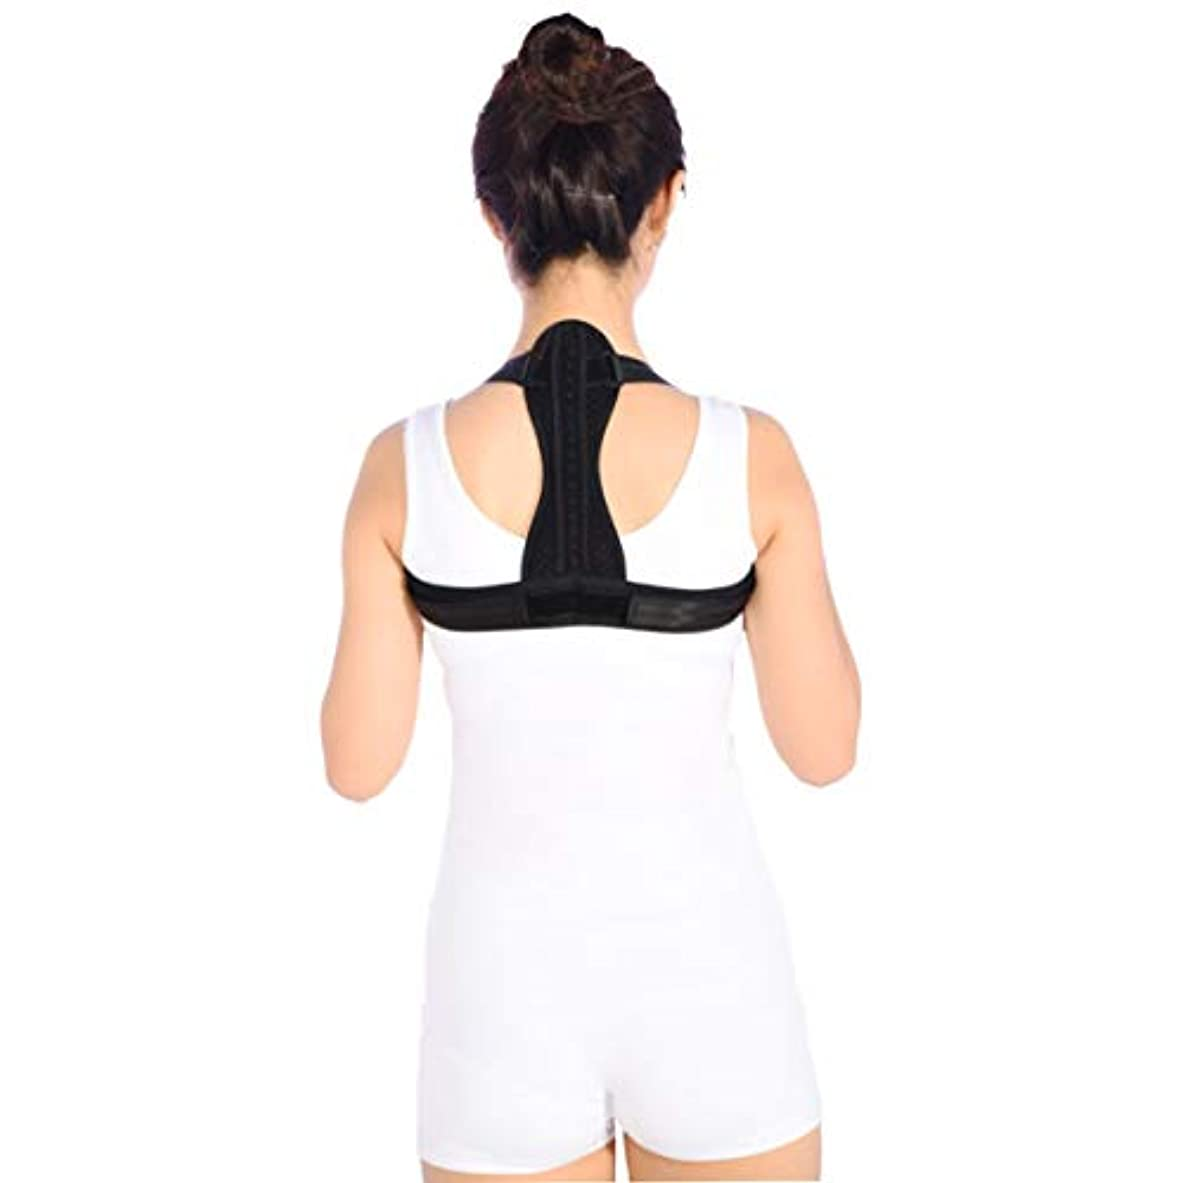 約束するありふれたおいしい通気性の脊柱側弯症ザトウクジラ補正ベルト調節可能な快適さ目に見えないベルト男性女性大人学生子供 - 黒